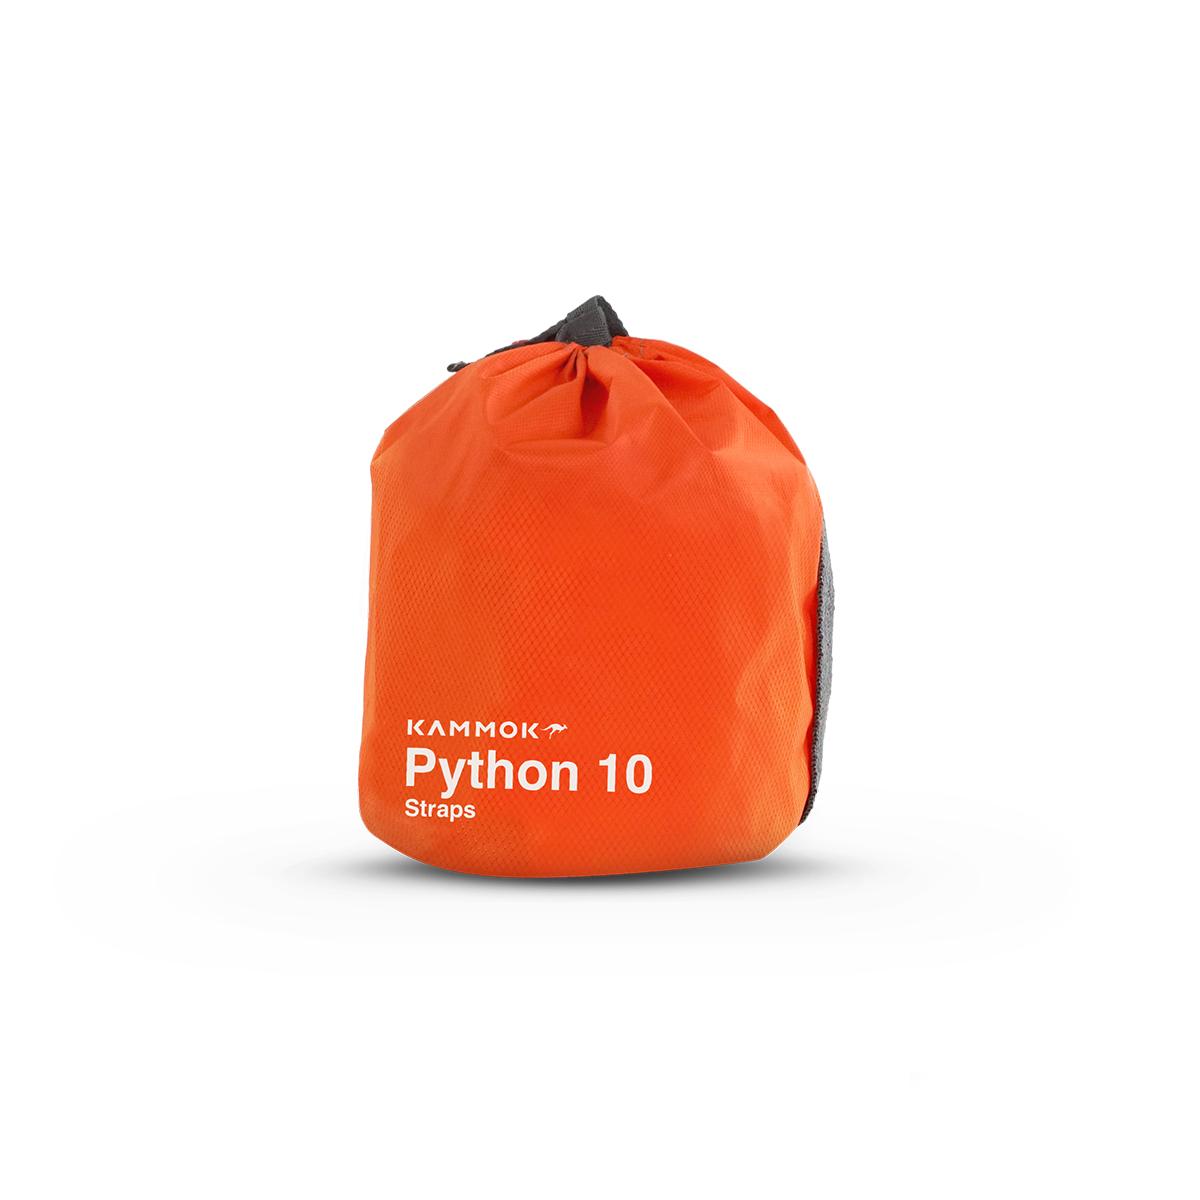 AIRMKT eCom PN XXXXXX Kammok Pyton10 Packed WEB